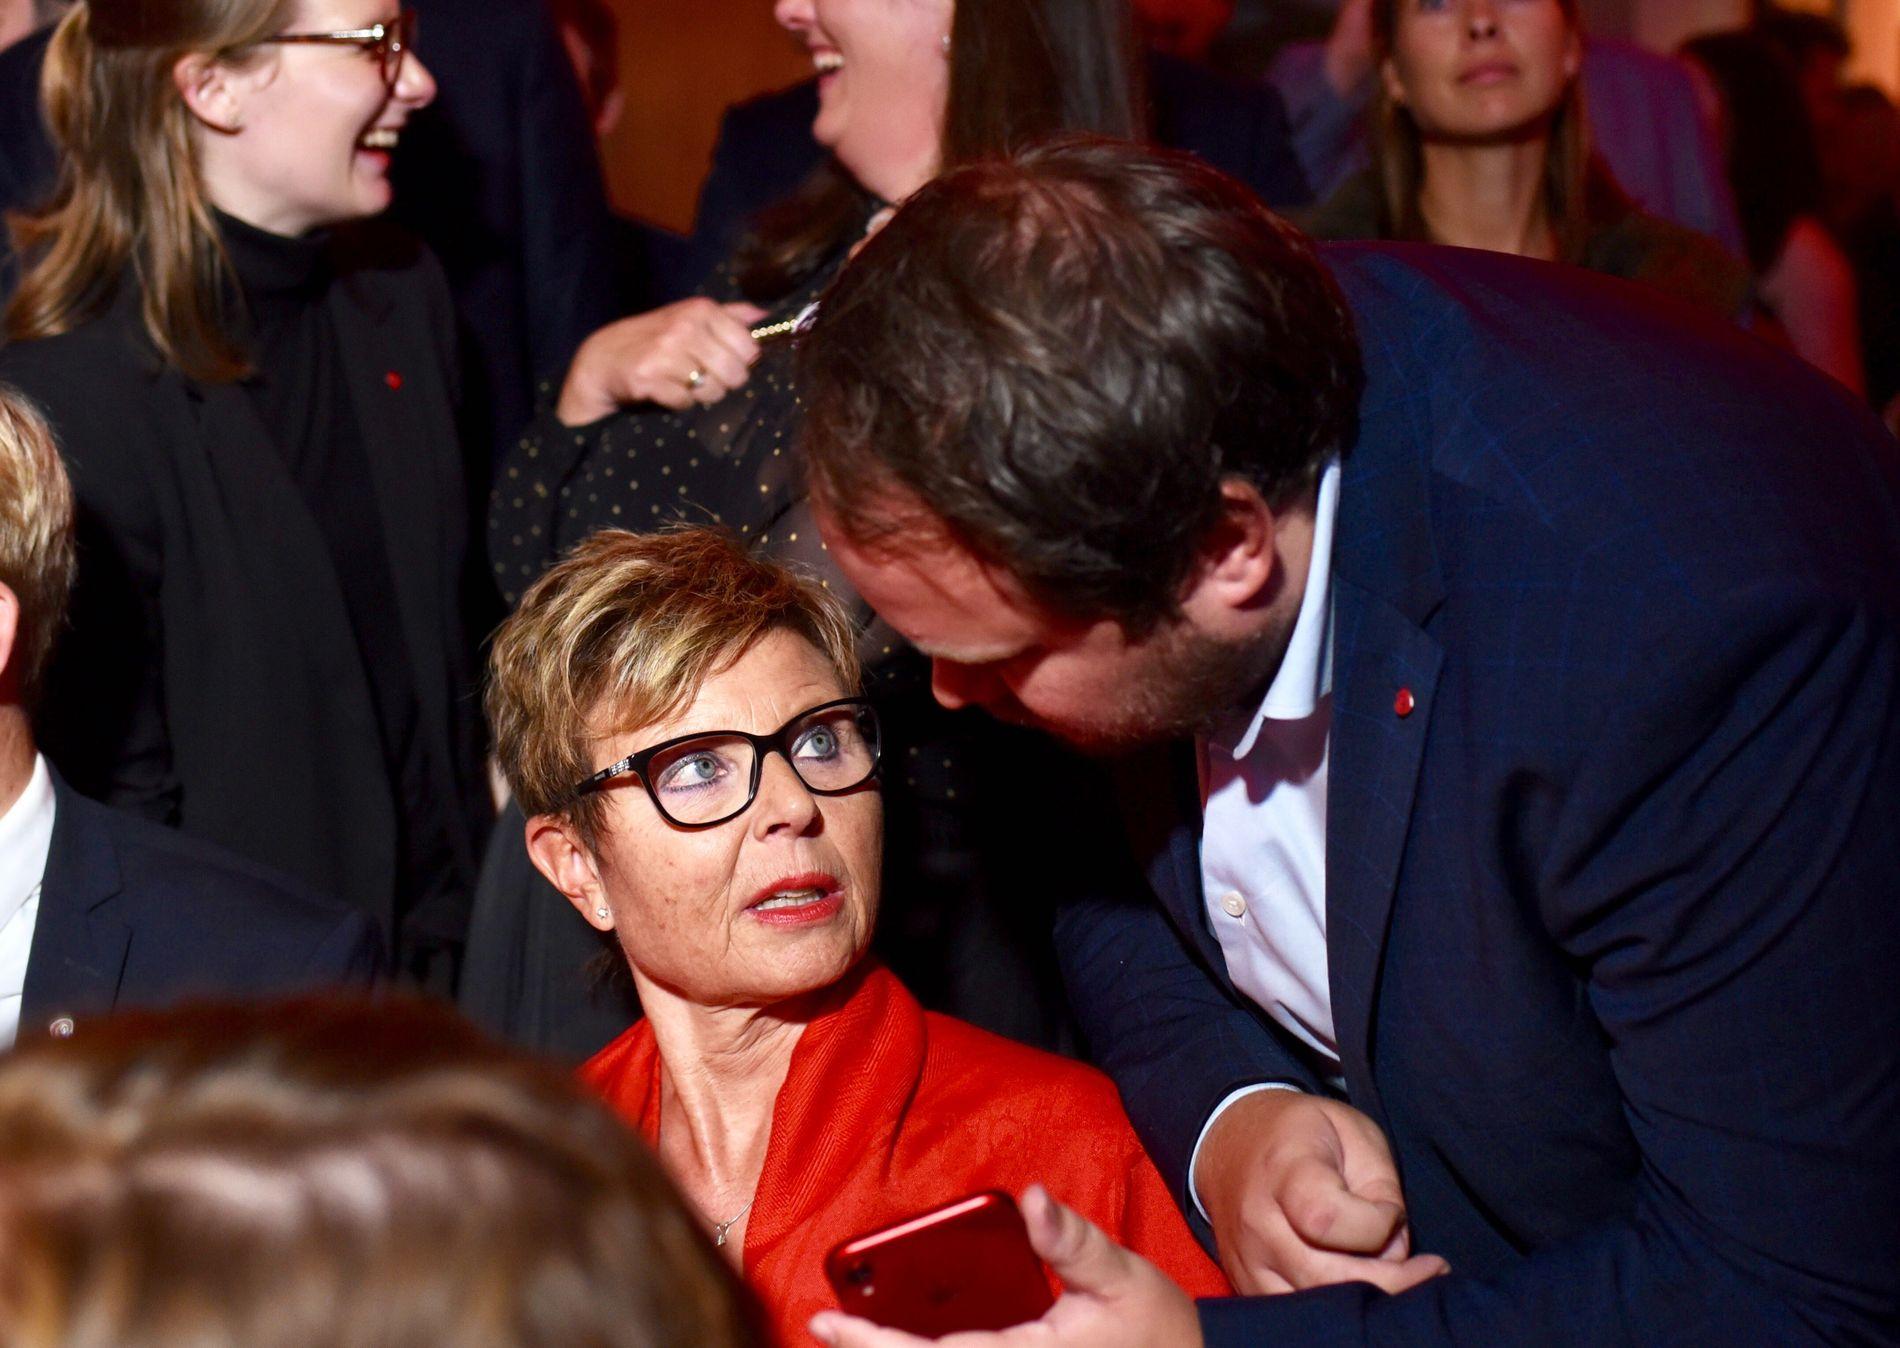 DÅRLIG VALG: Fylkesordfører Anne Gine Hestetun må konstatere at Arbeiderpartiet gjør et elendig valg i nye Vestland. – Men vi er fortsatt det største partiet i Vestland, sier hun.